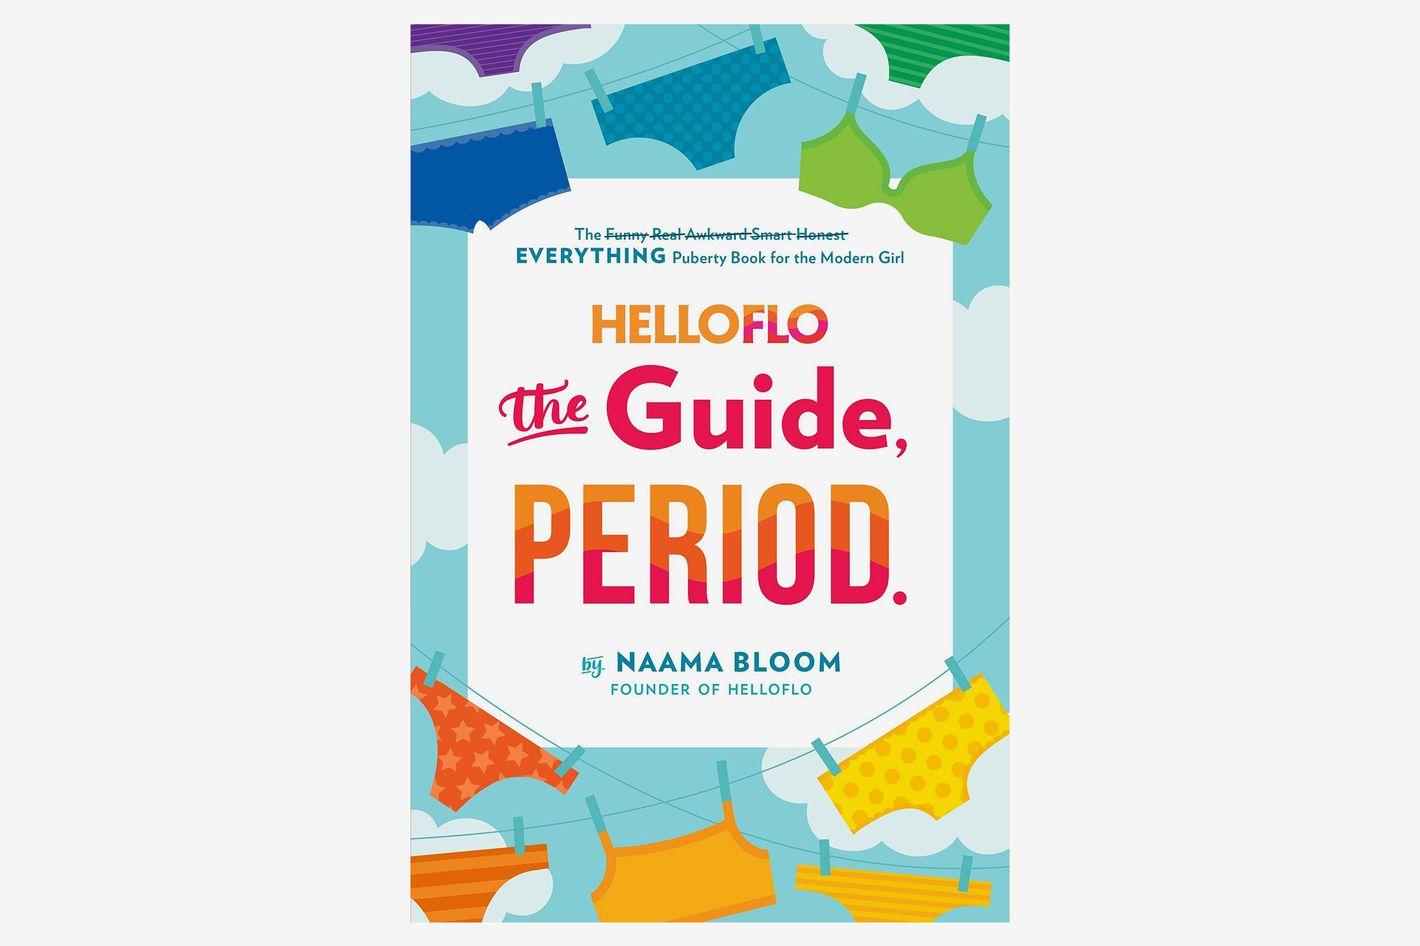 <em>HelloFlo: The Guide, Period.</em>